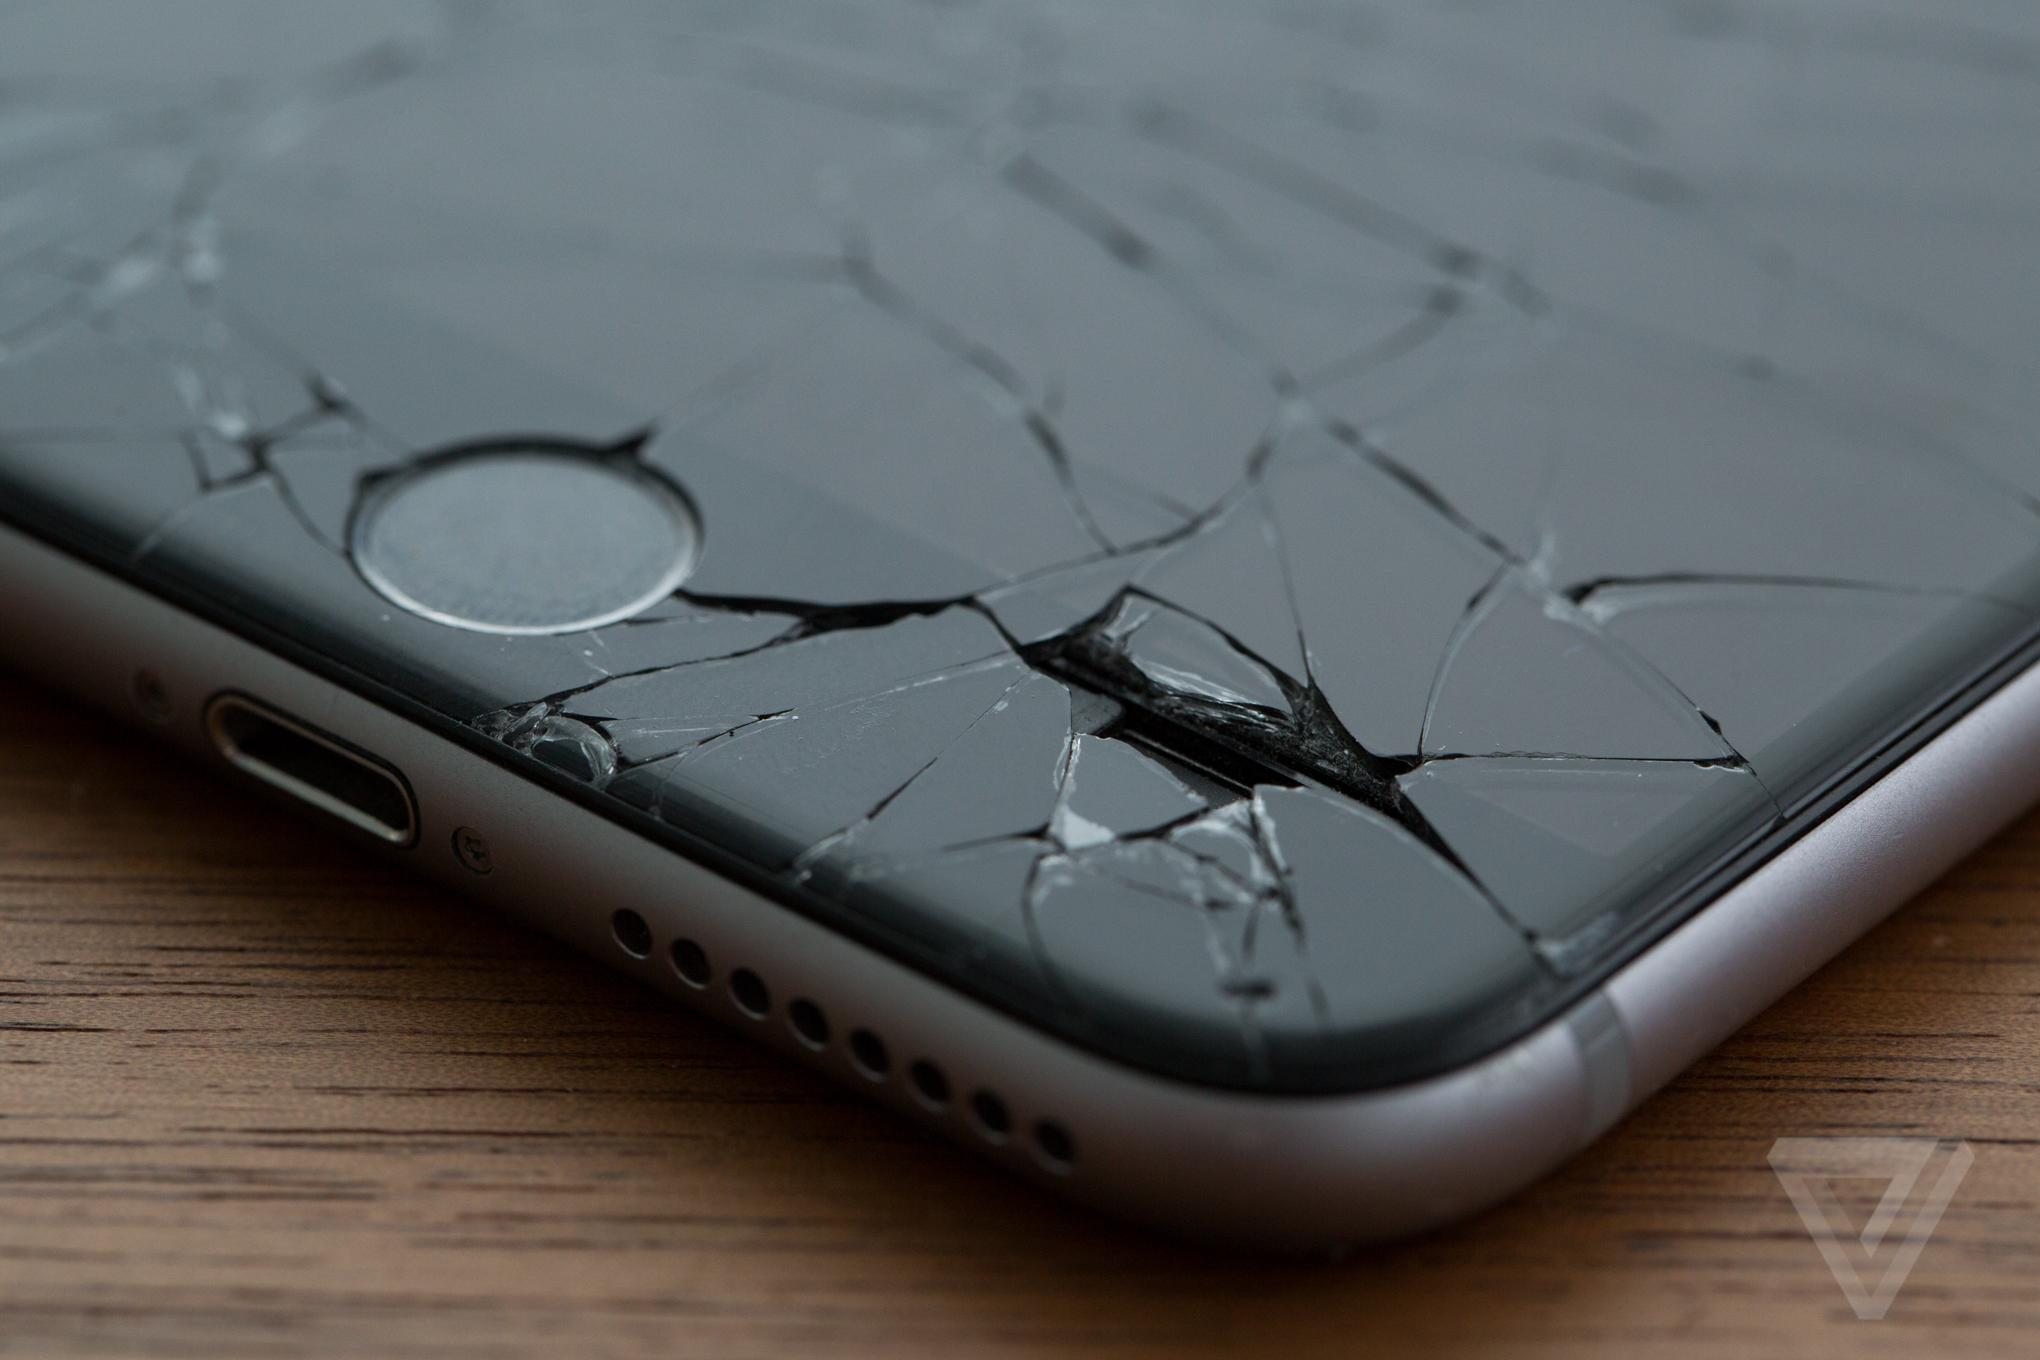 Broken cracked iphone stock